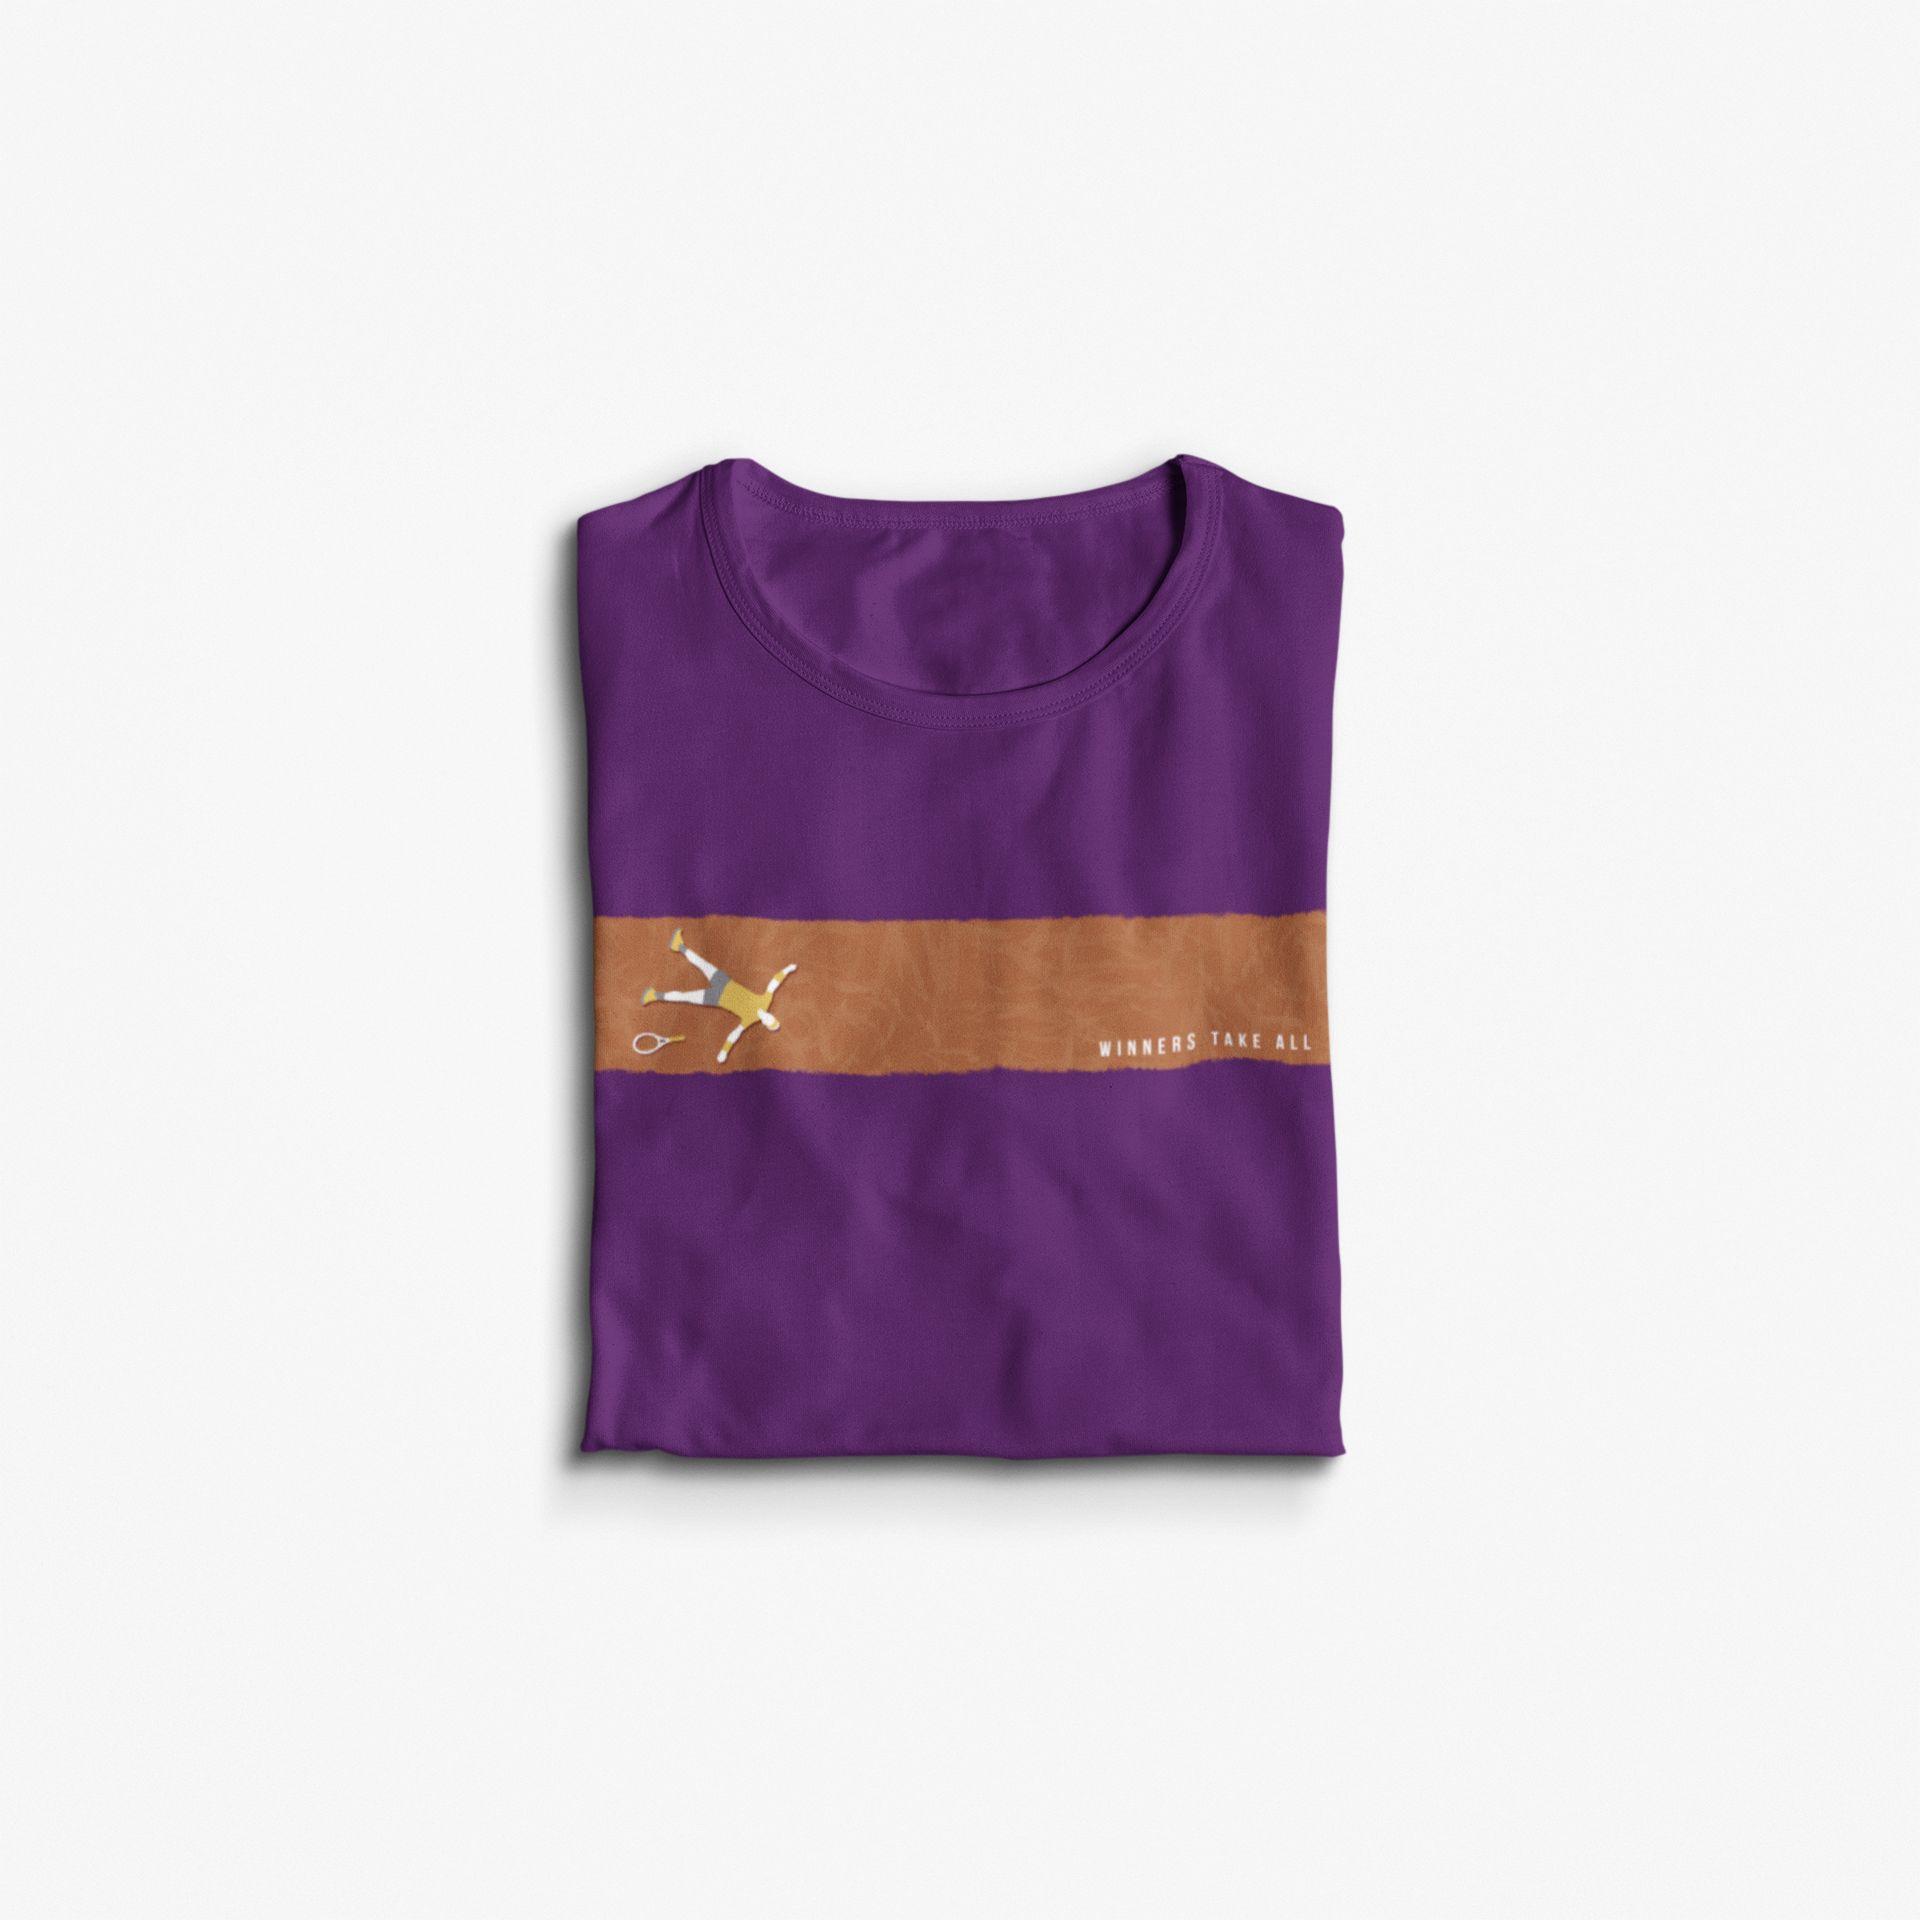 Camiseta WINNERS TAKE ALL >> Coleção 2019 >> FEMININA